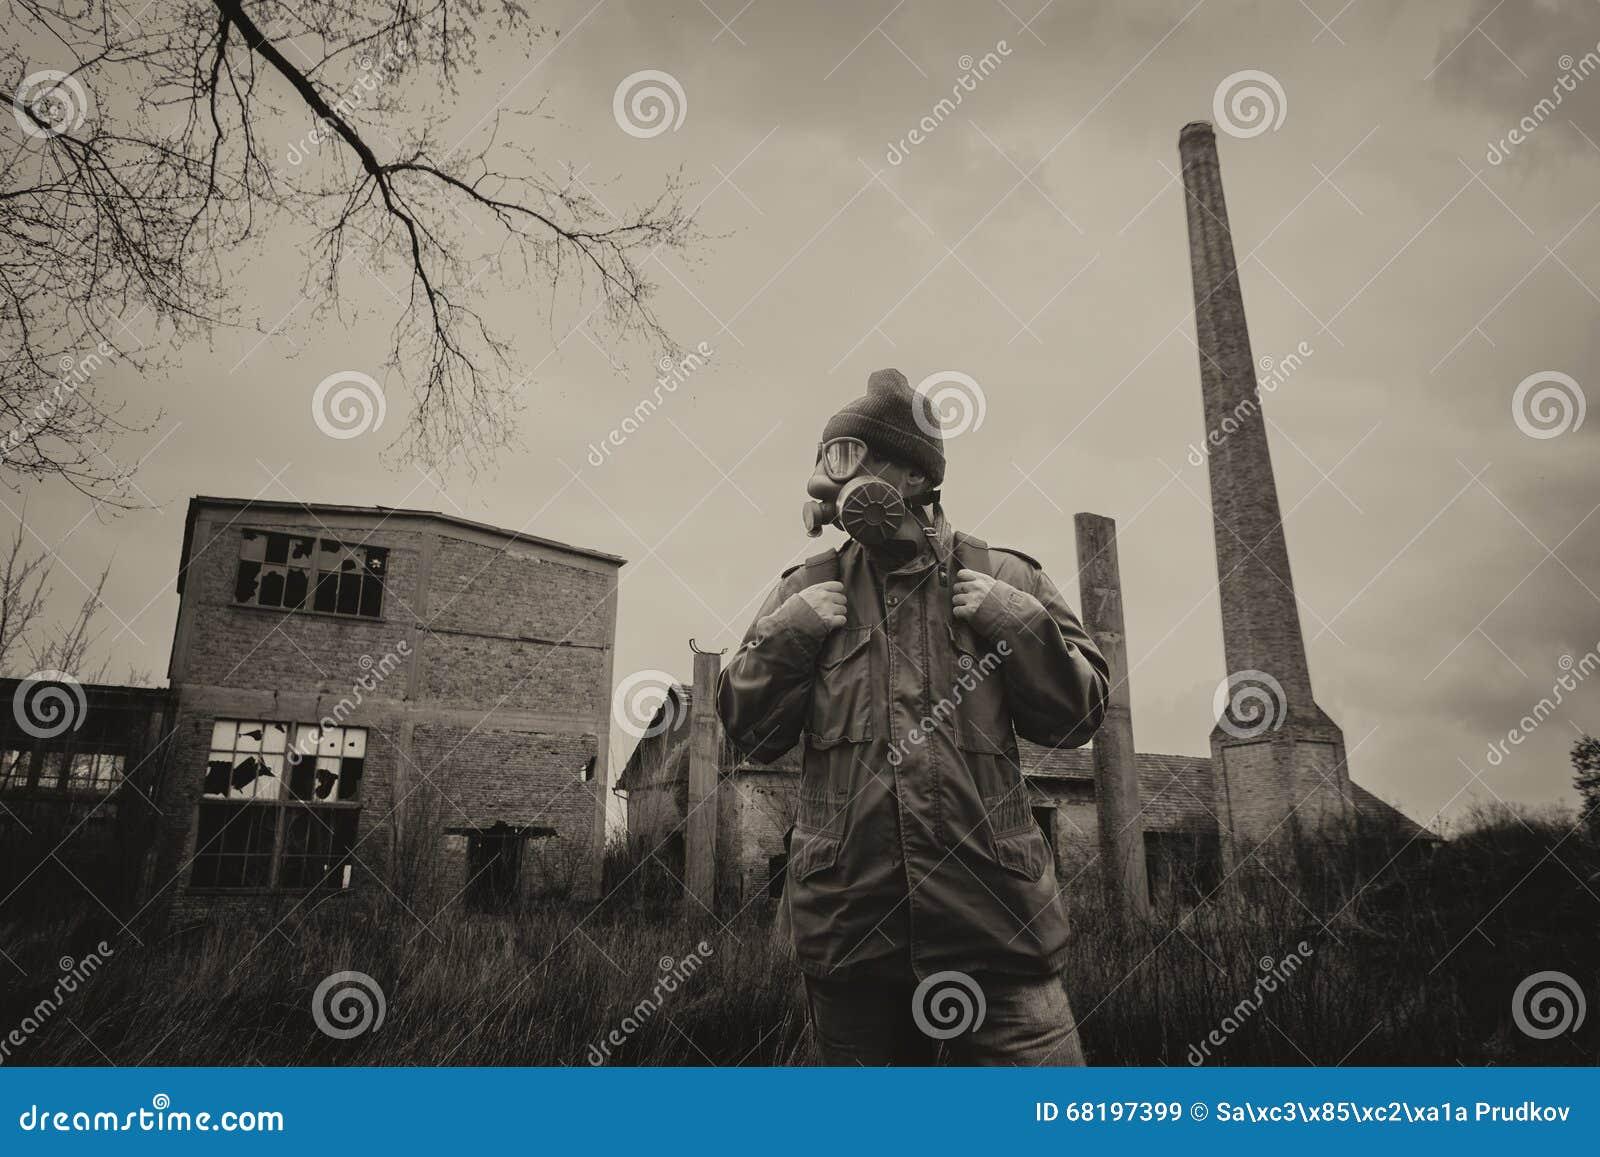 Survivant Apocalyptique Dans Le Et Masque Gaz Sac Signalez De eWdCBorx